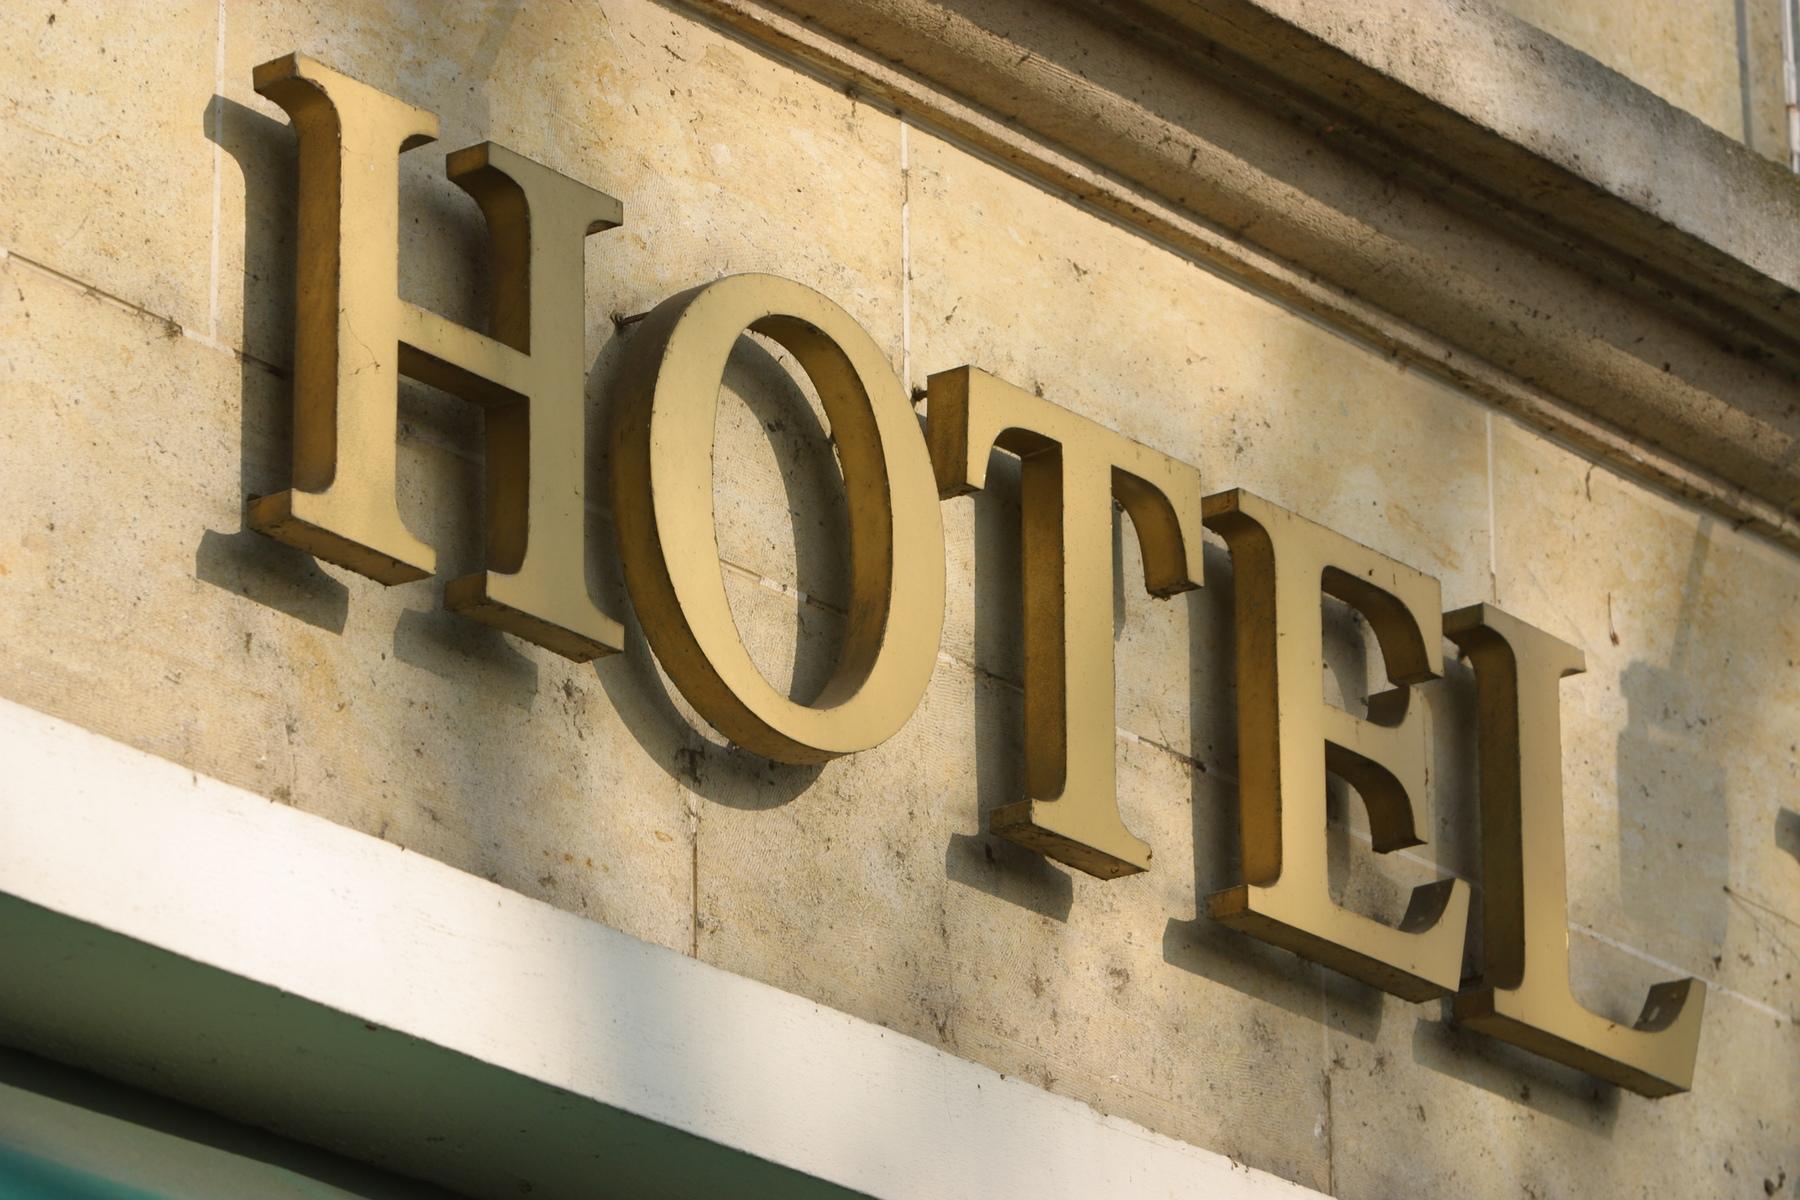 Hotel Energy Solutions, un nuovo modo di guardare al turismo